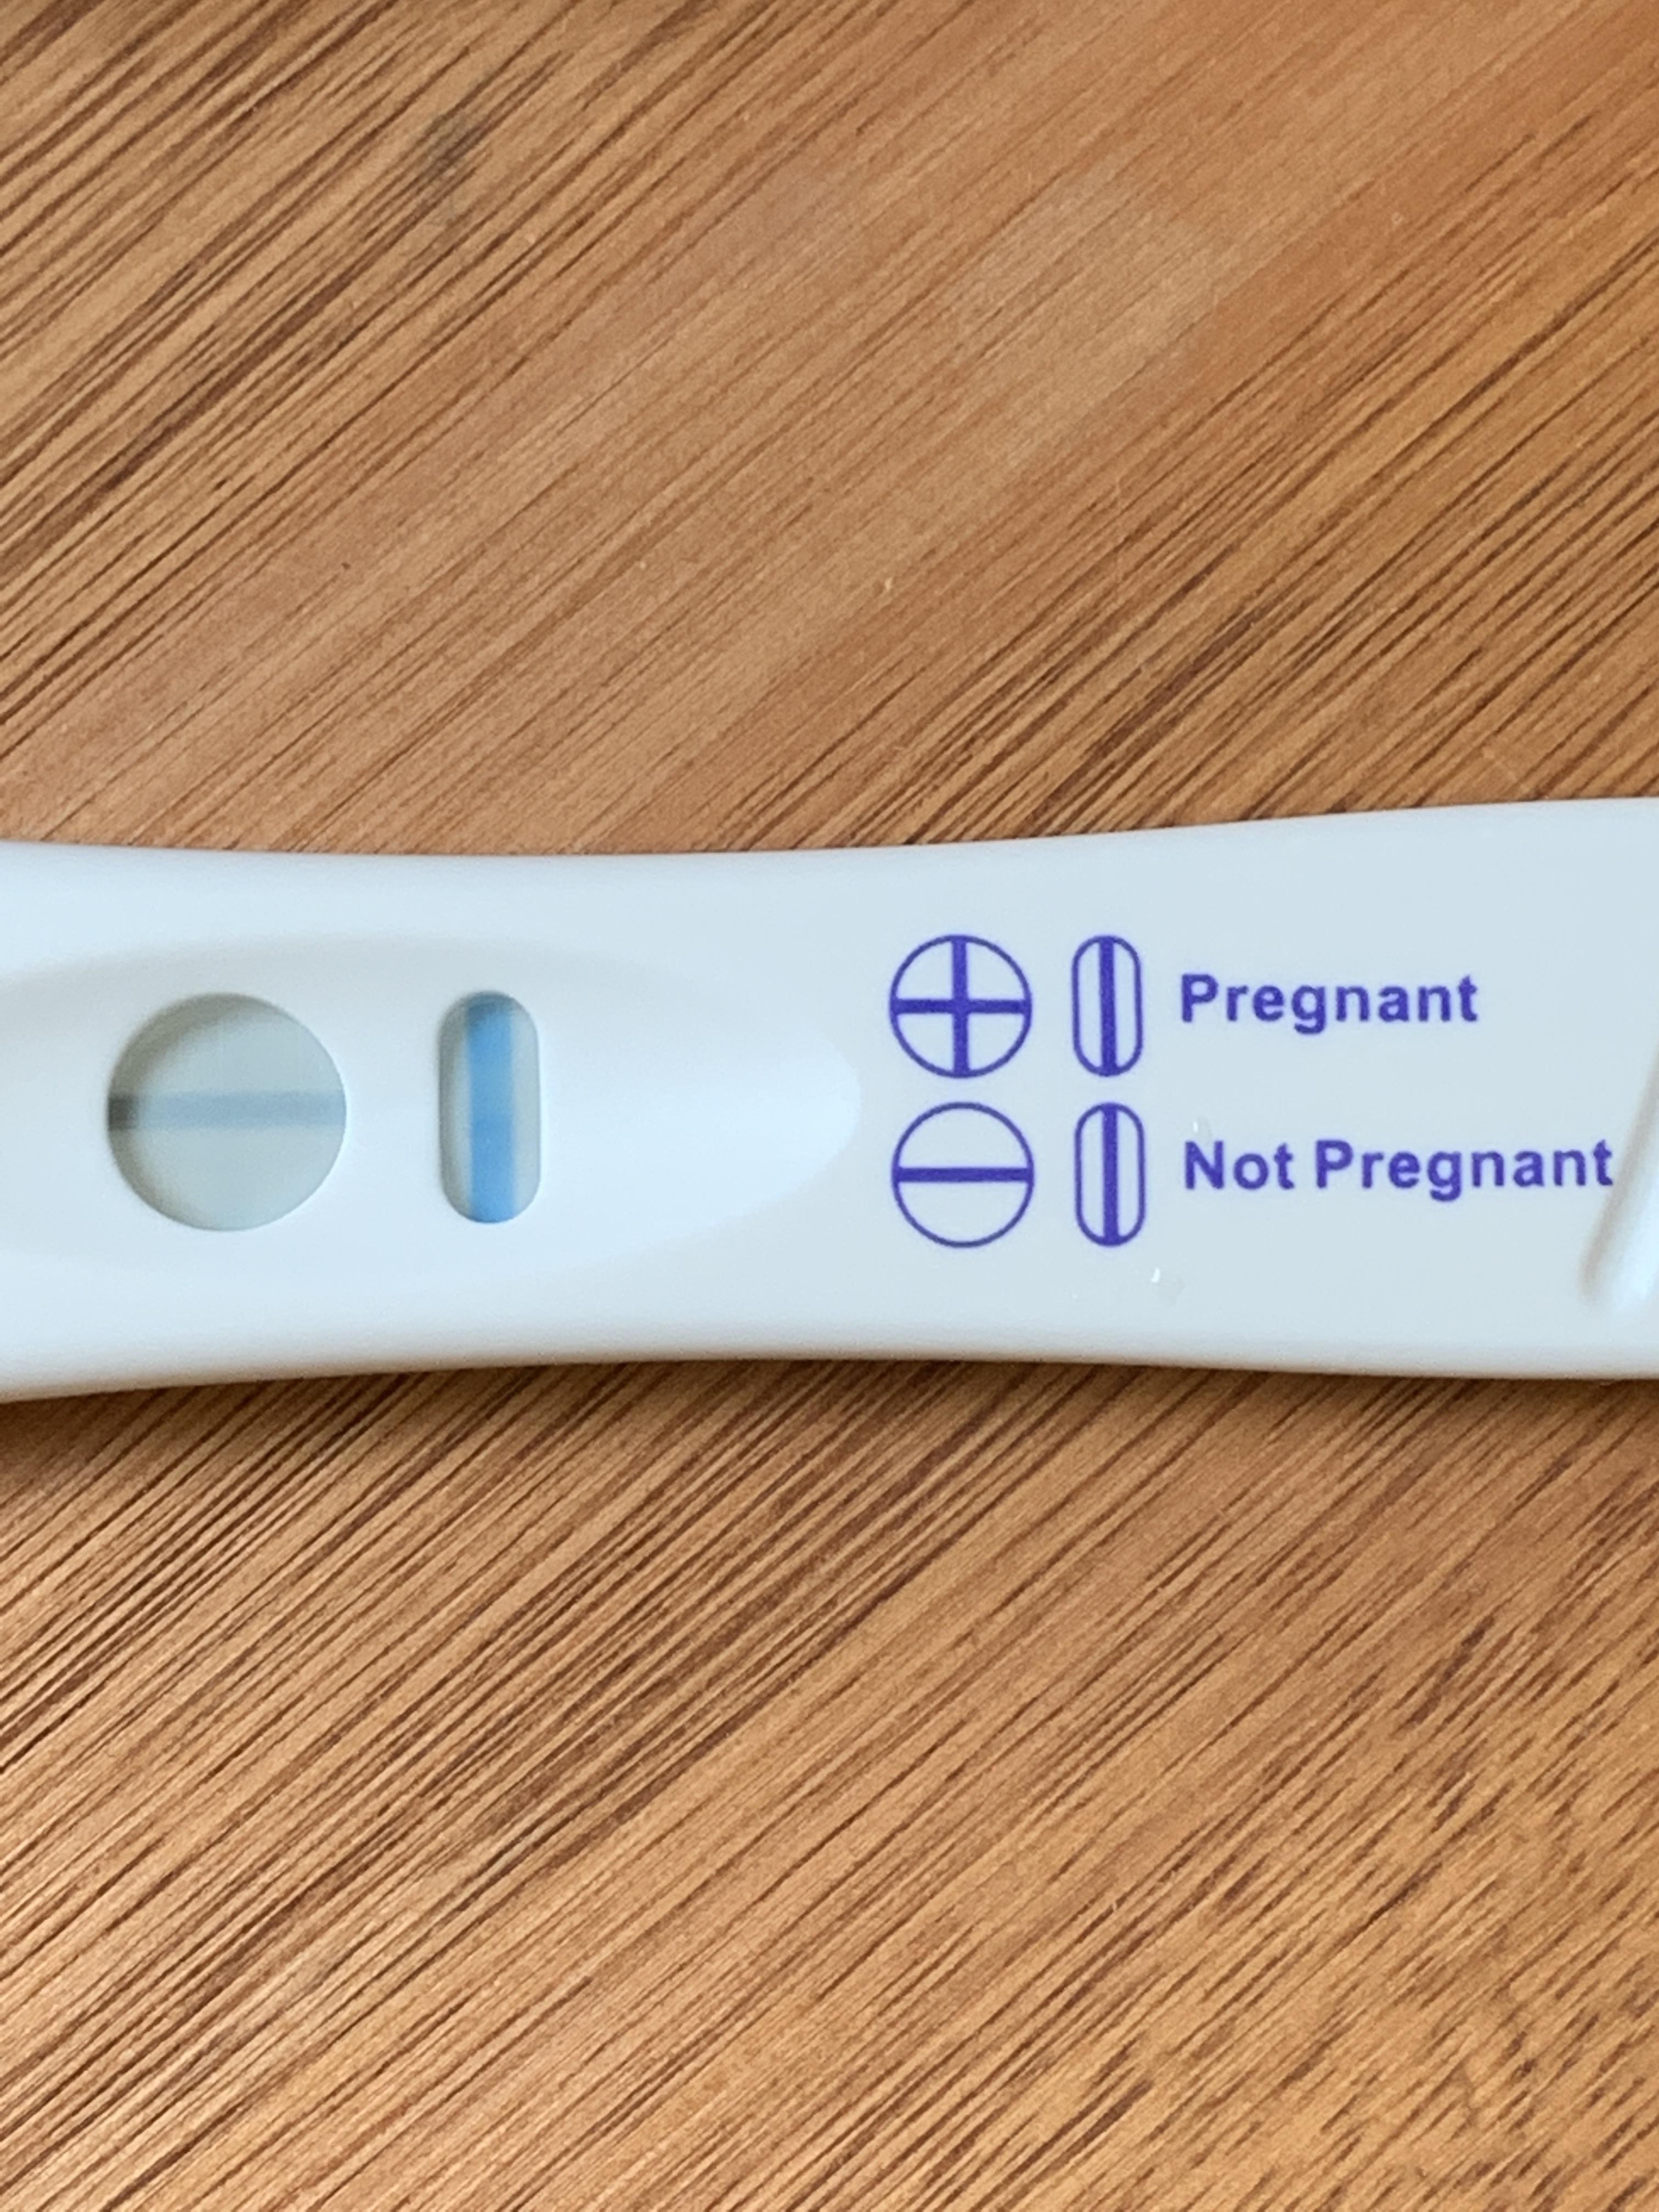 Cvs Pregnancy Test Faint Line : pregnancy, faint, Test!!, Faint, Line,, It???, DPO!!!!:, FirstTimeTTC